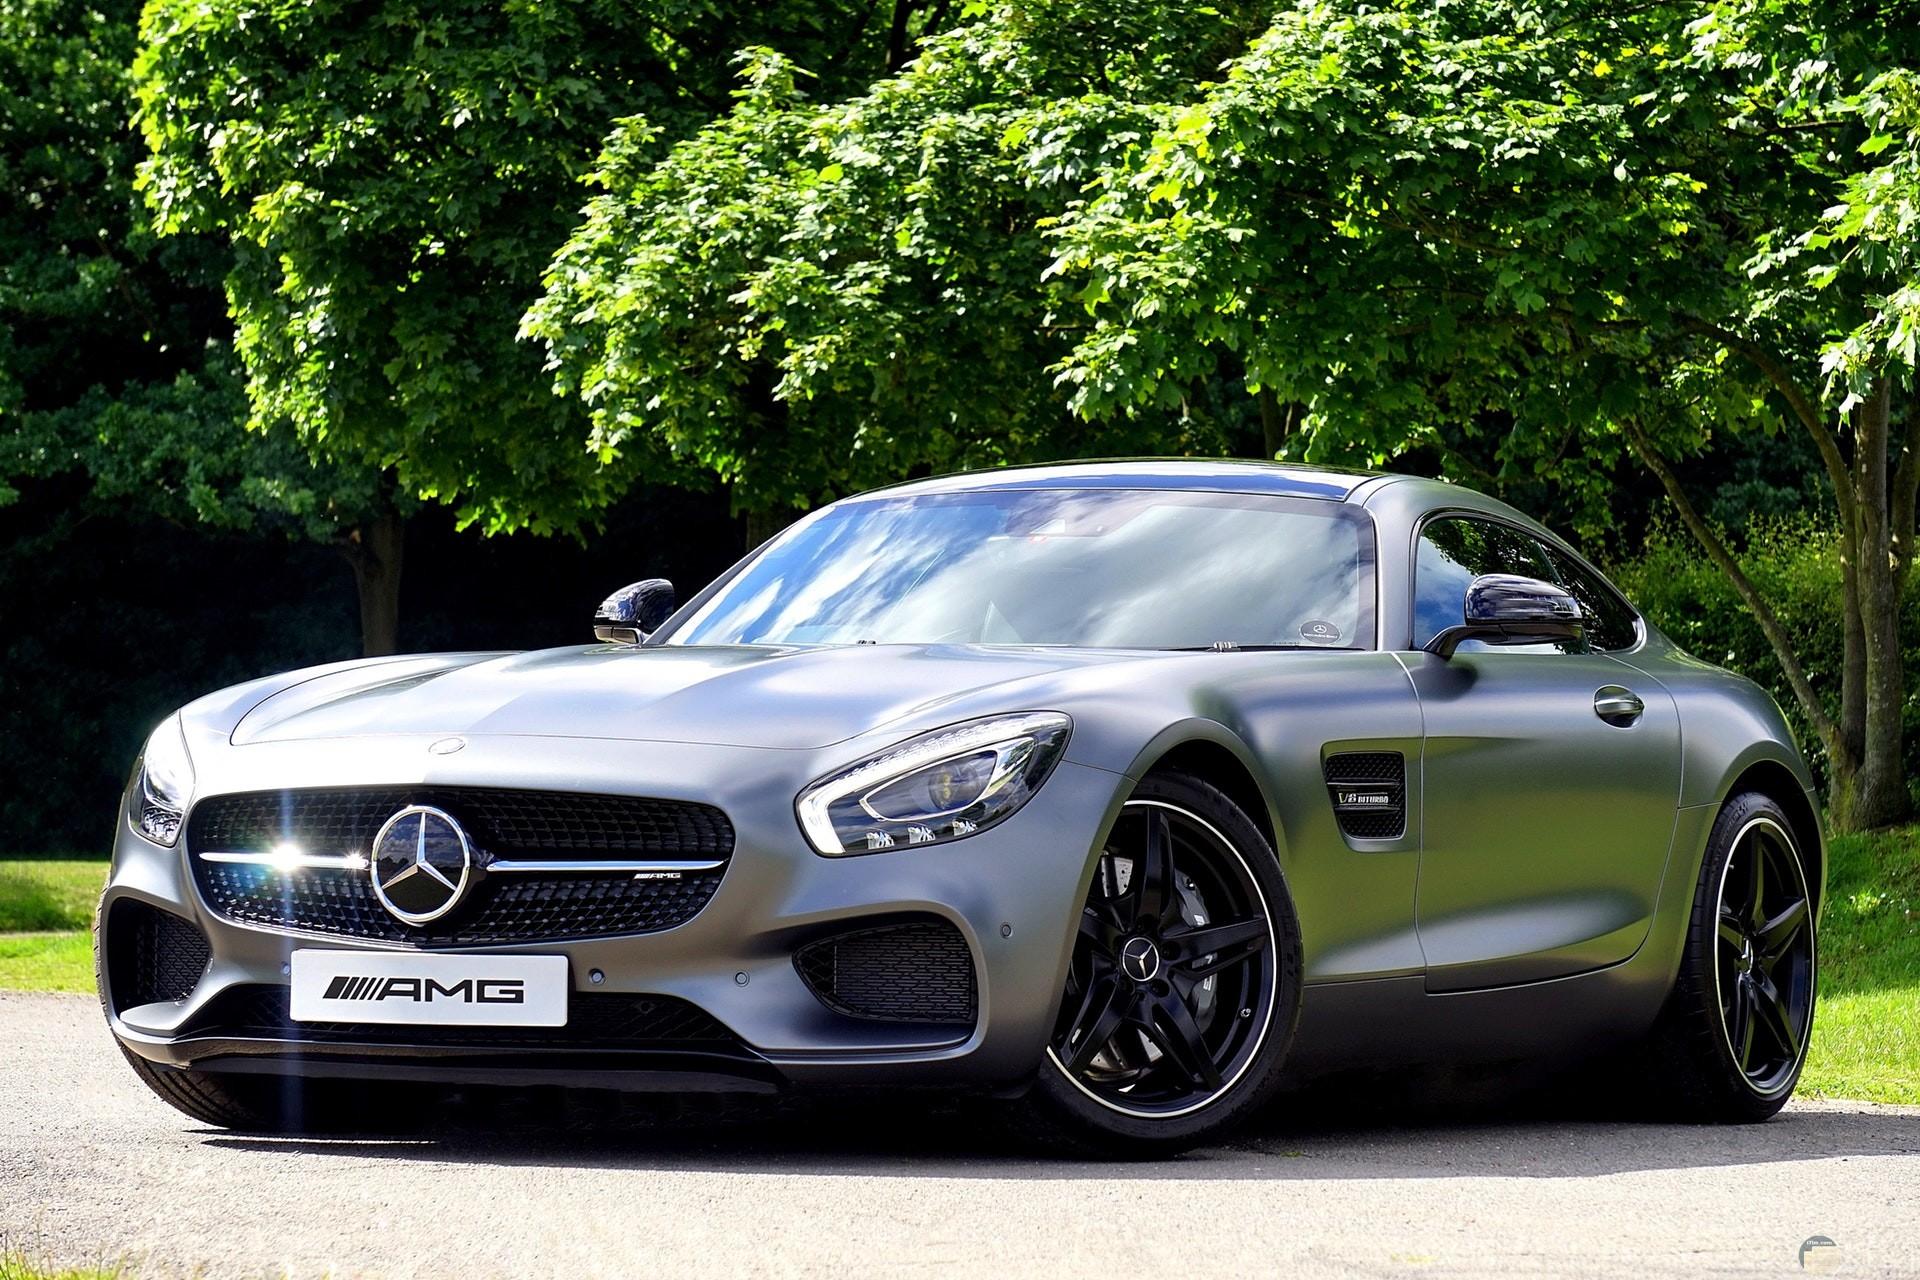 صورة جميلة لسيارة مرسيدس بنز باللون الفضي